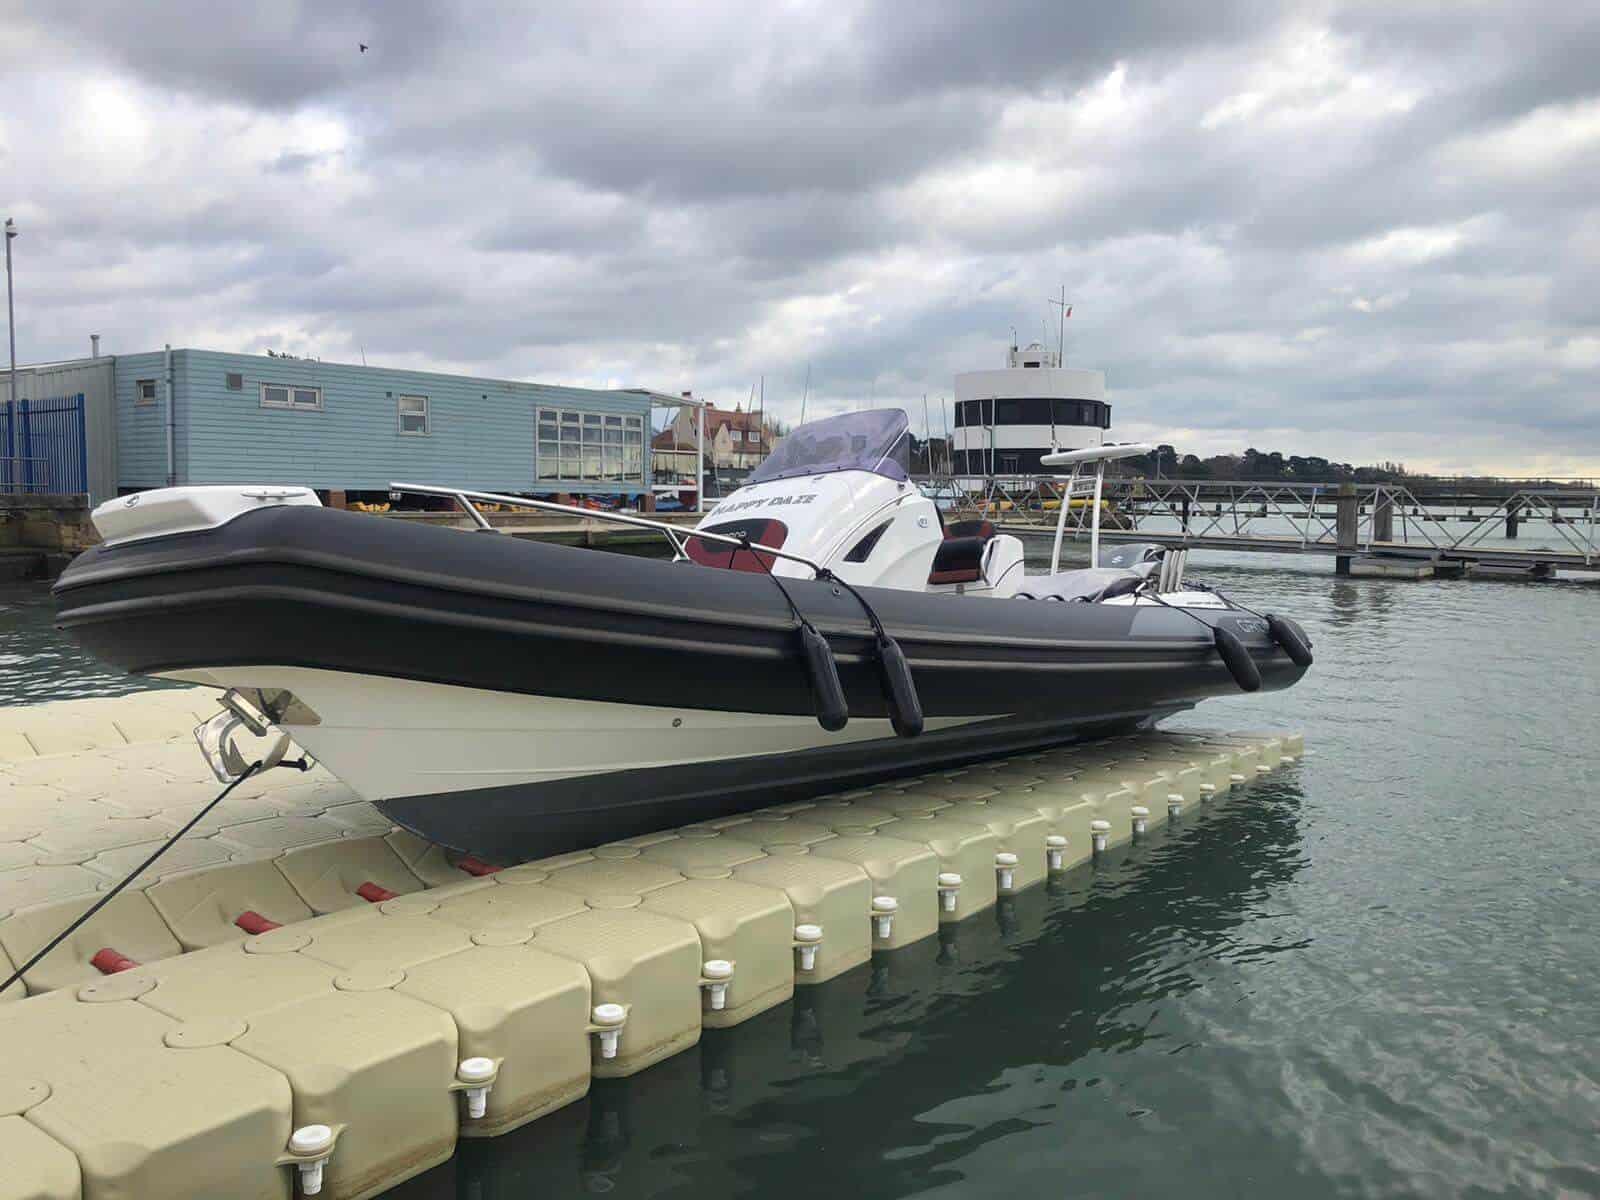 Flexiport Drive on Dock floating platform in Warsash